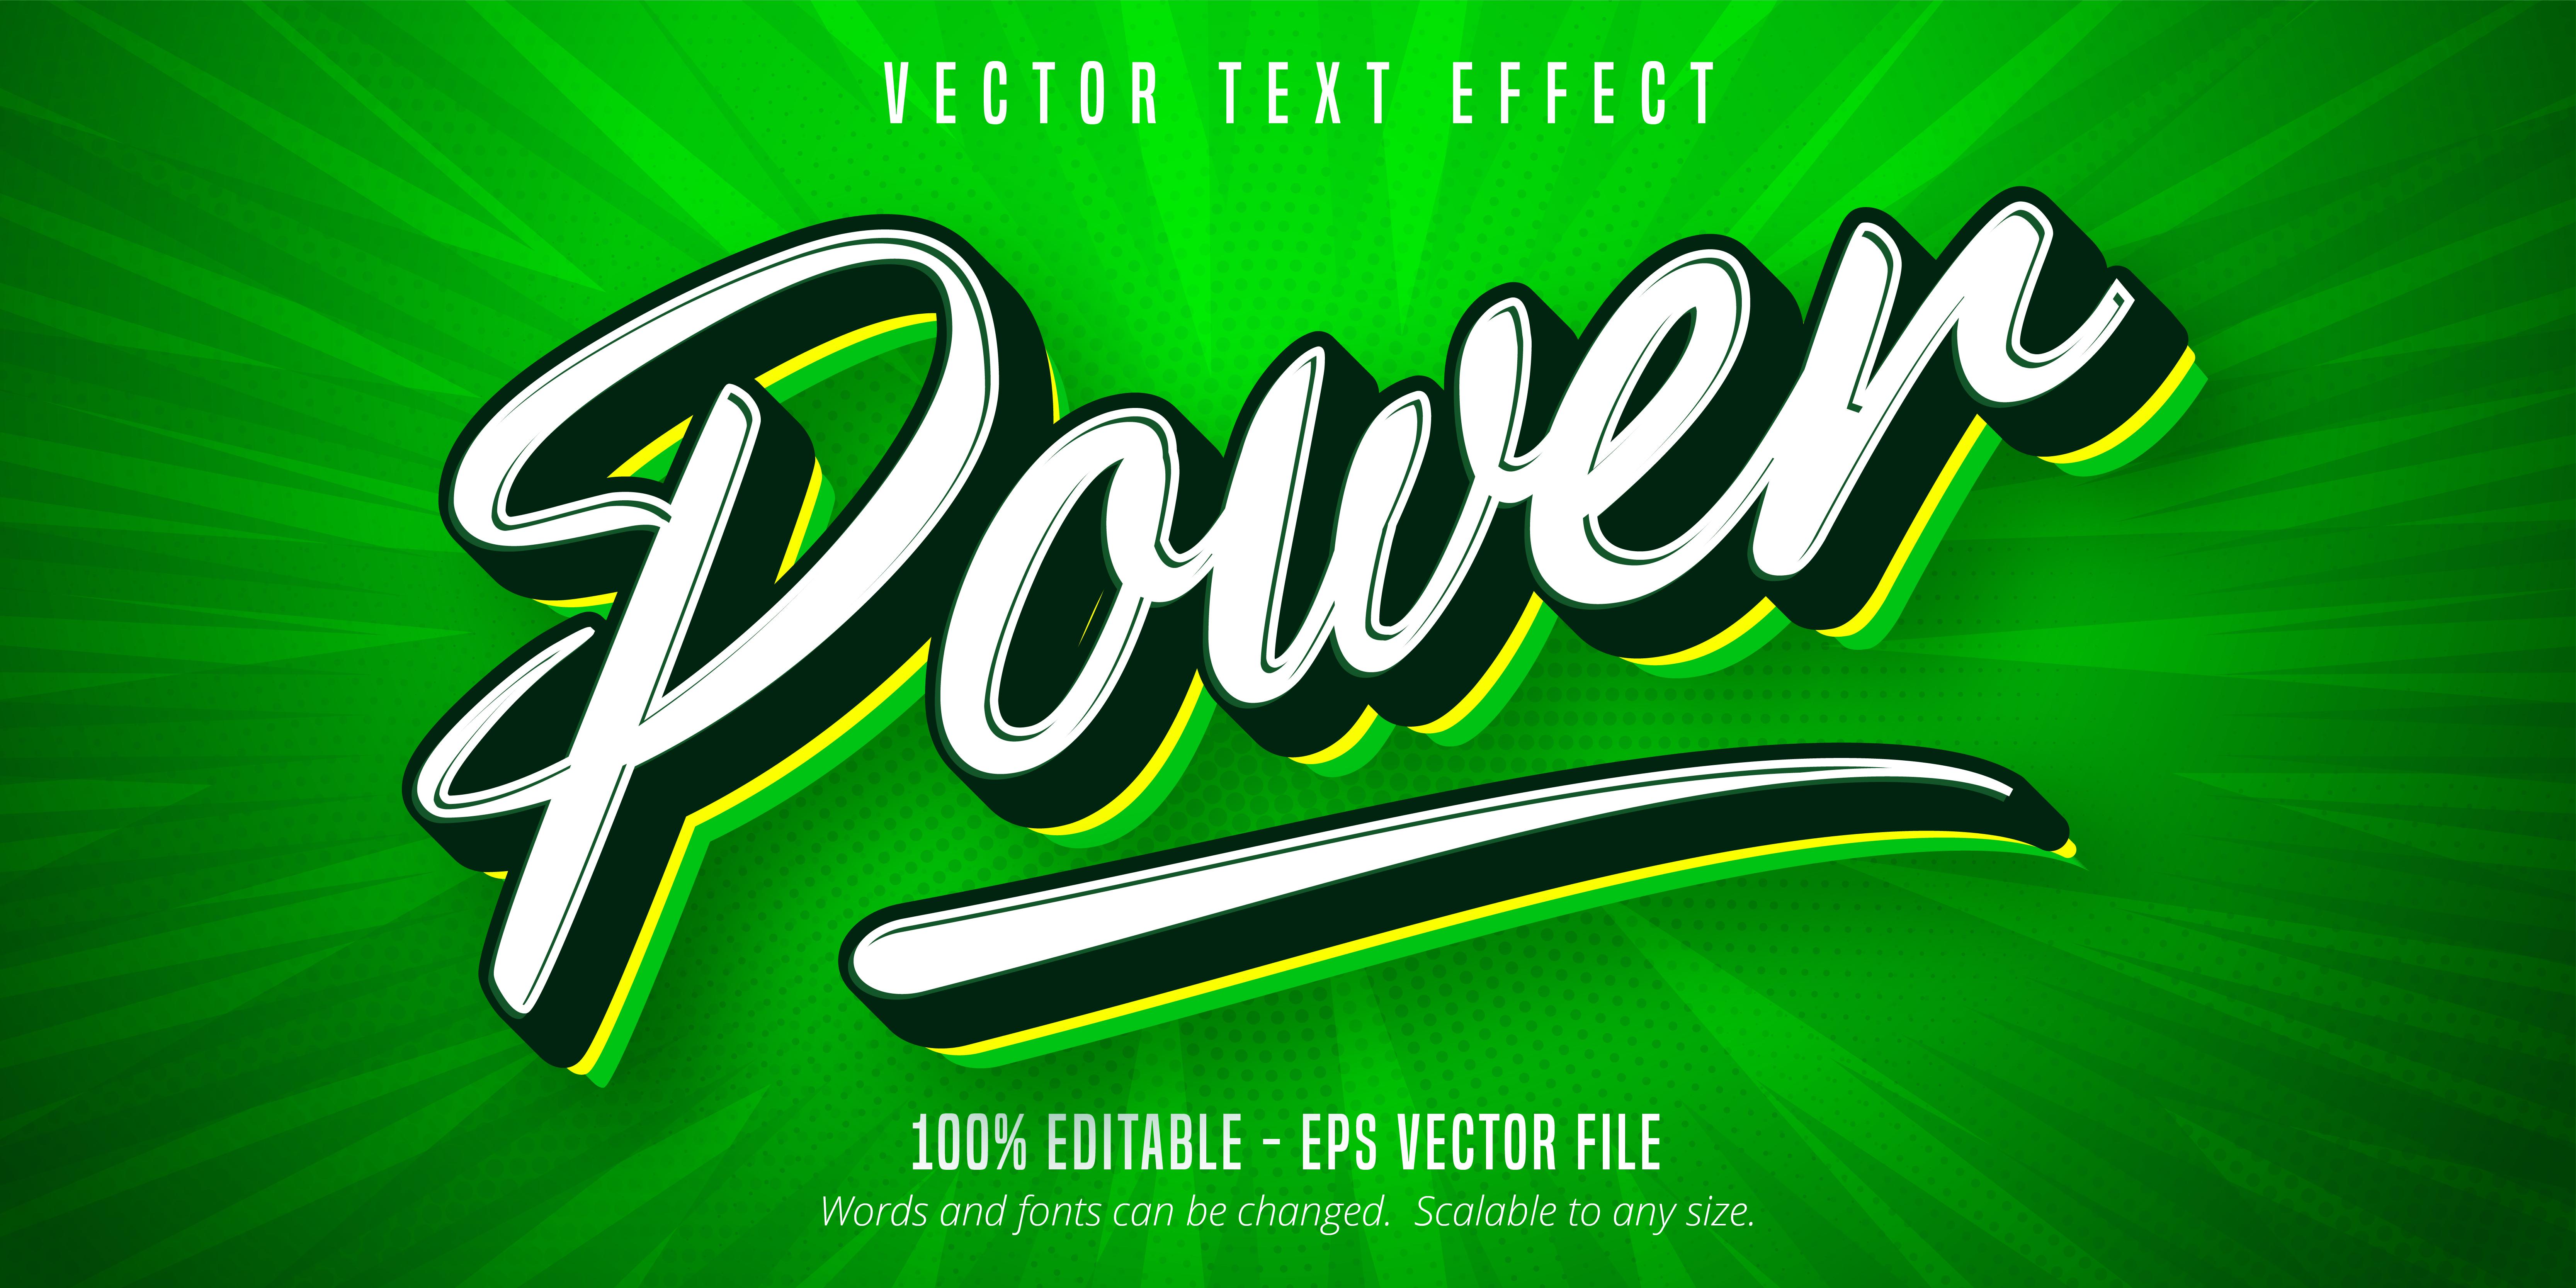 texto de poder, efecto de texto de estilo script